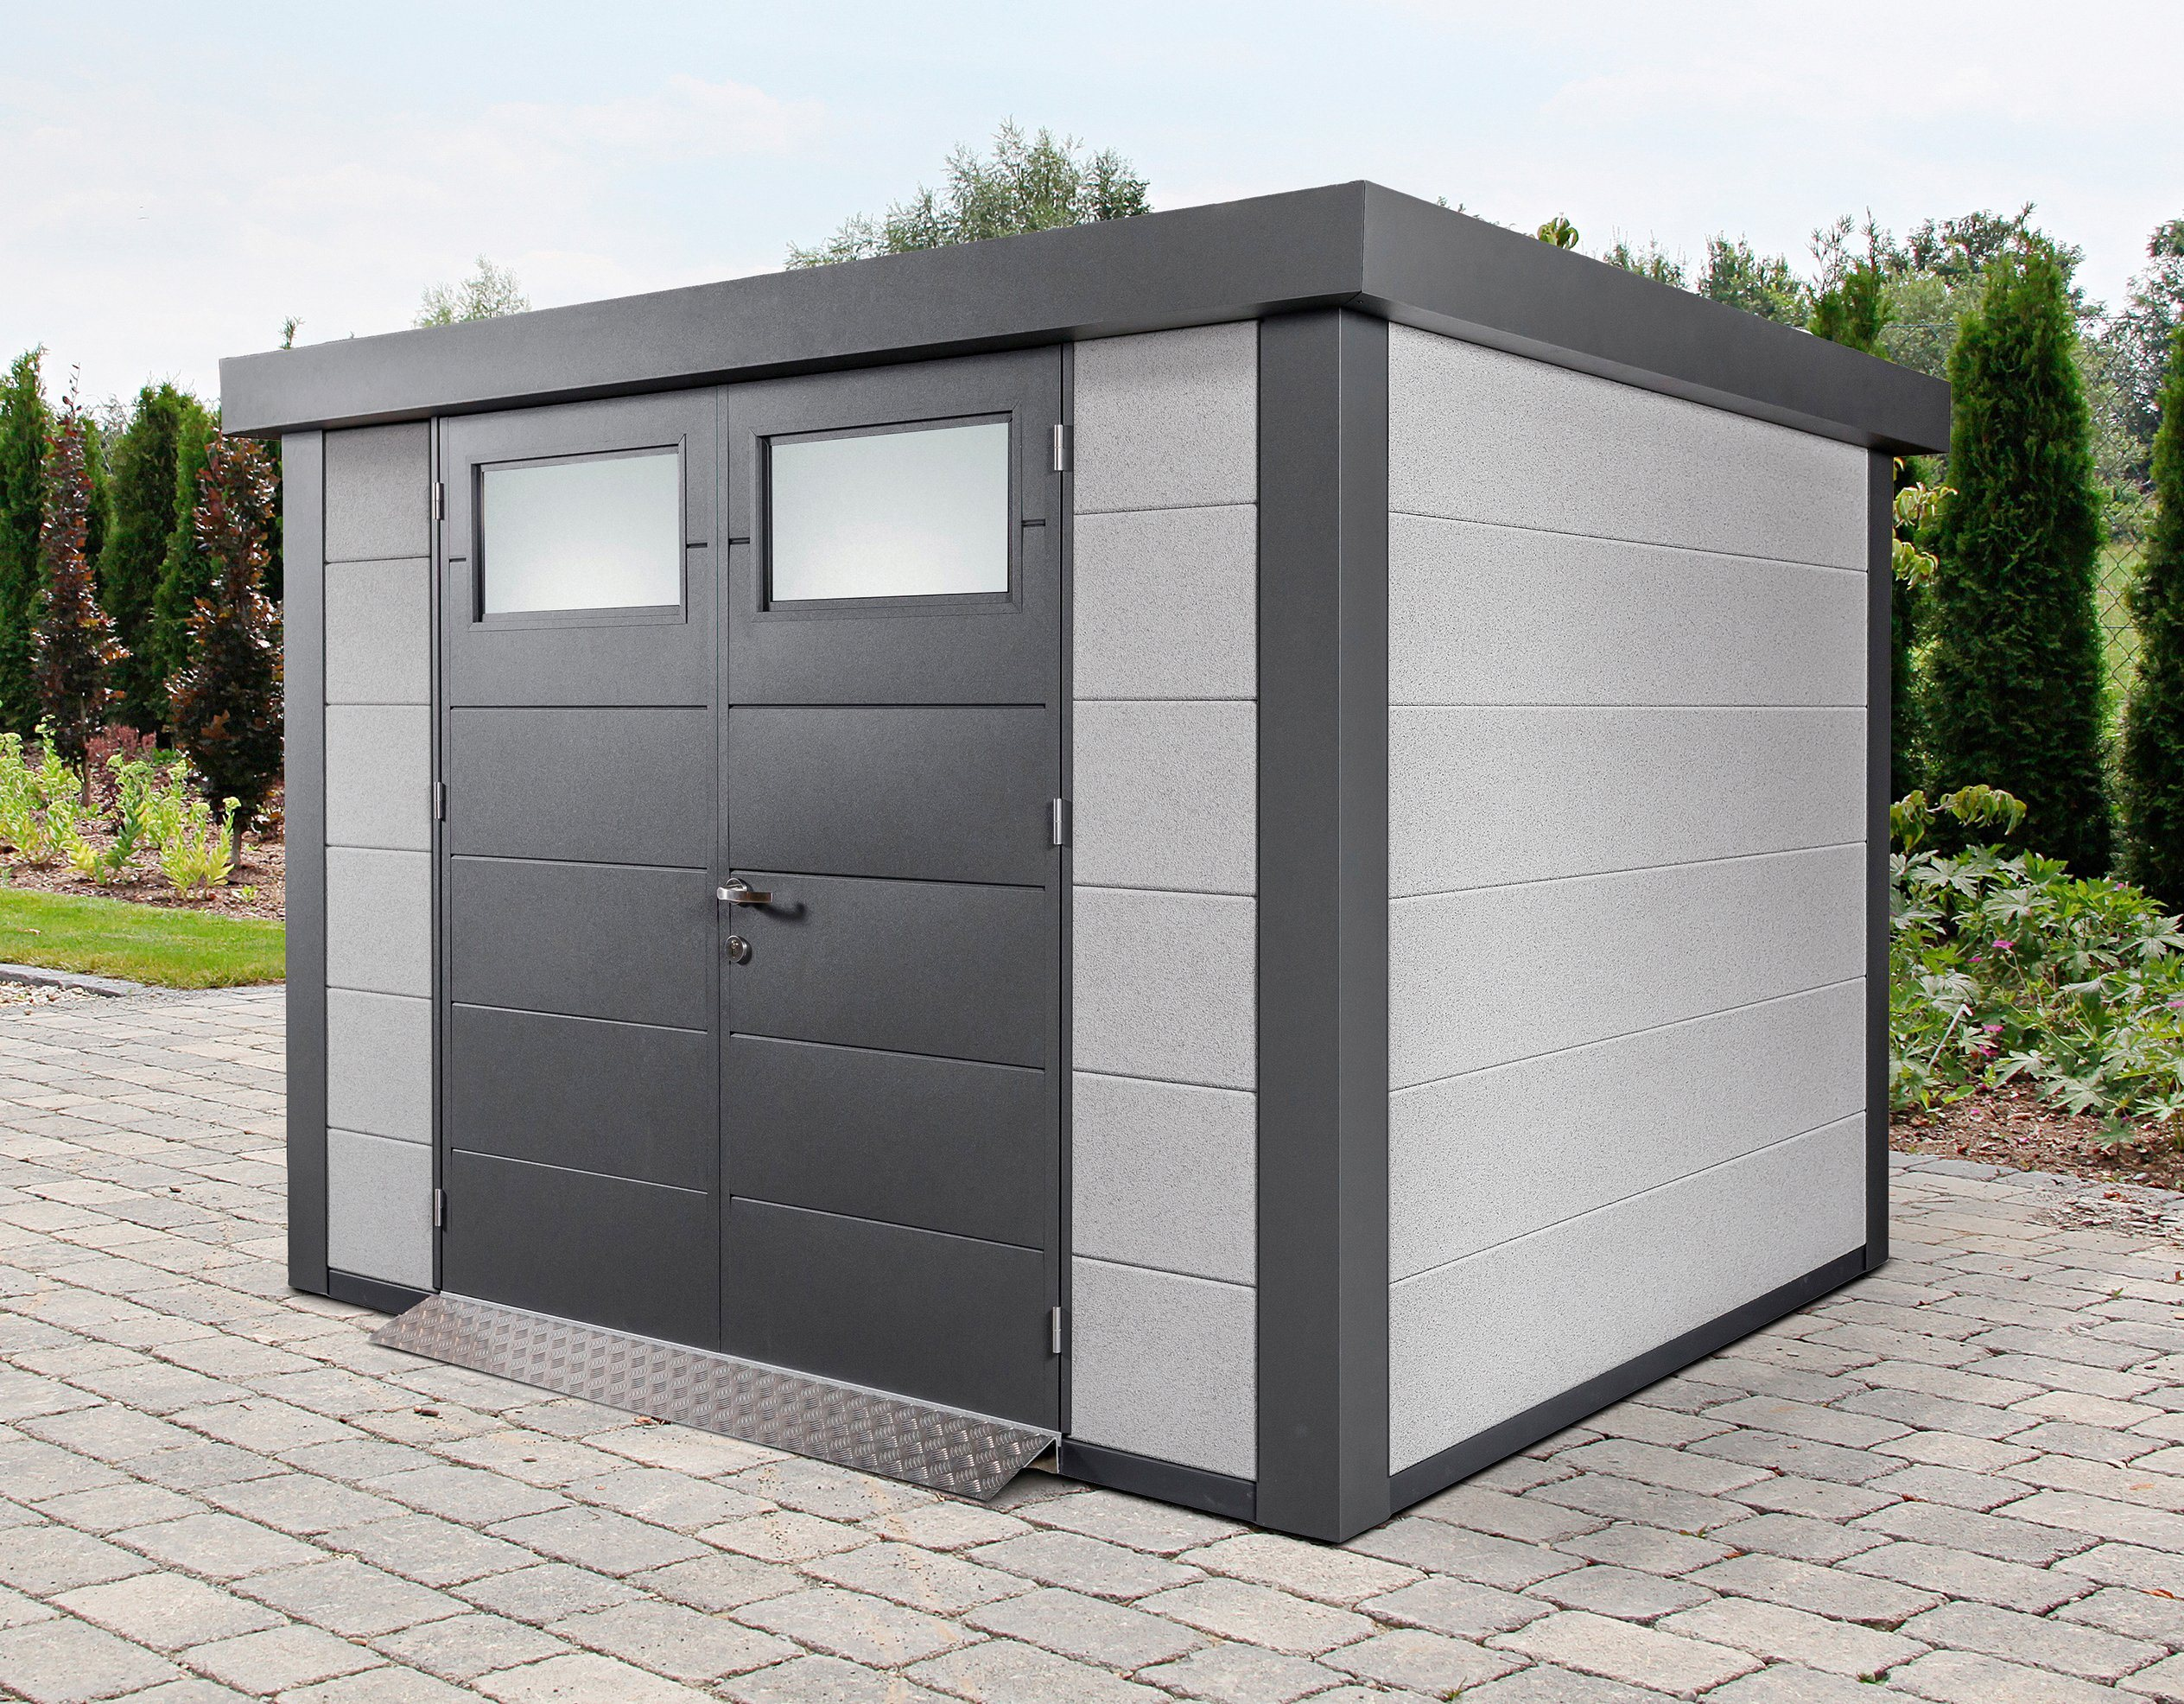 WOLFF Stahlgerätehaus »Eleganto 3024«, BxT: 318x258 cm, Dekorputz weiß | Garten > Gerätehäuser | Wolff